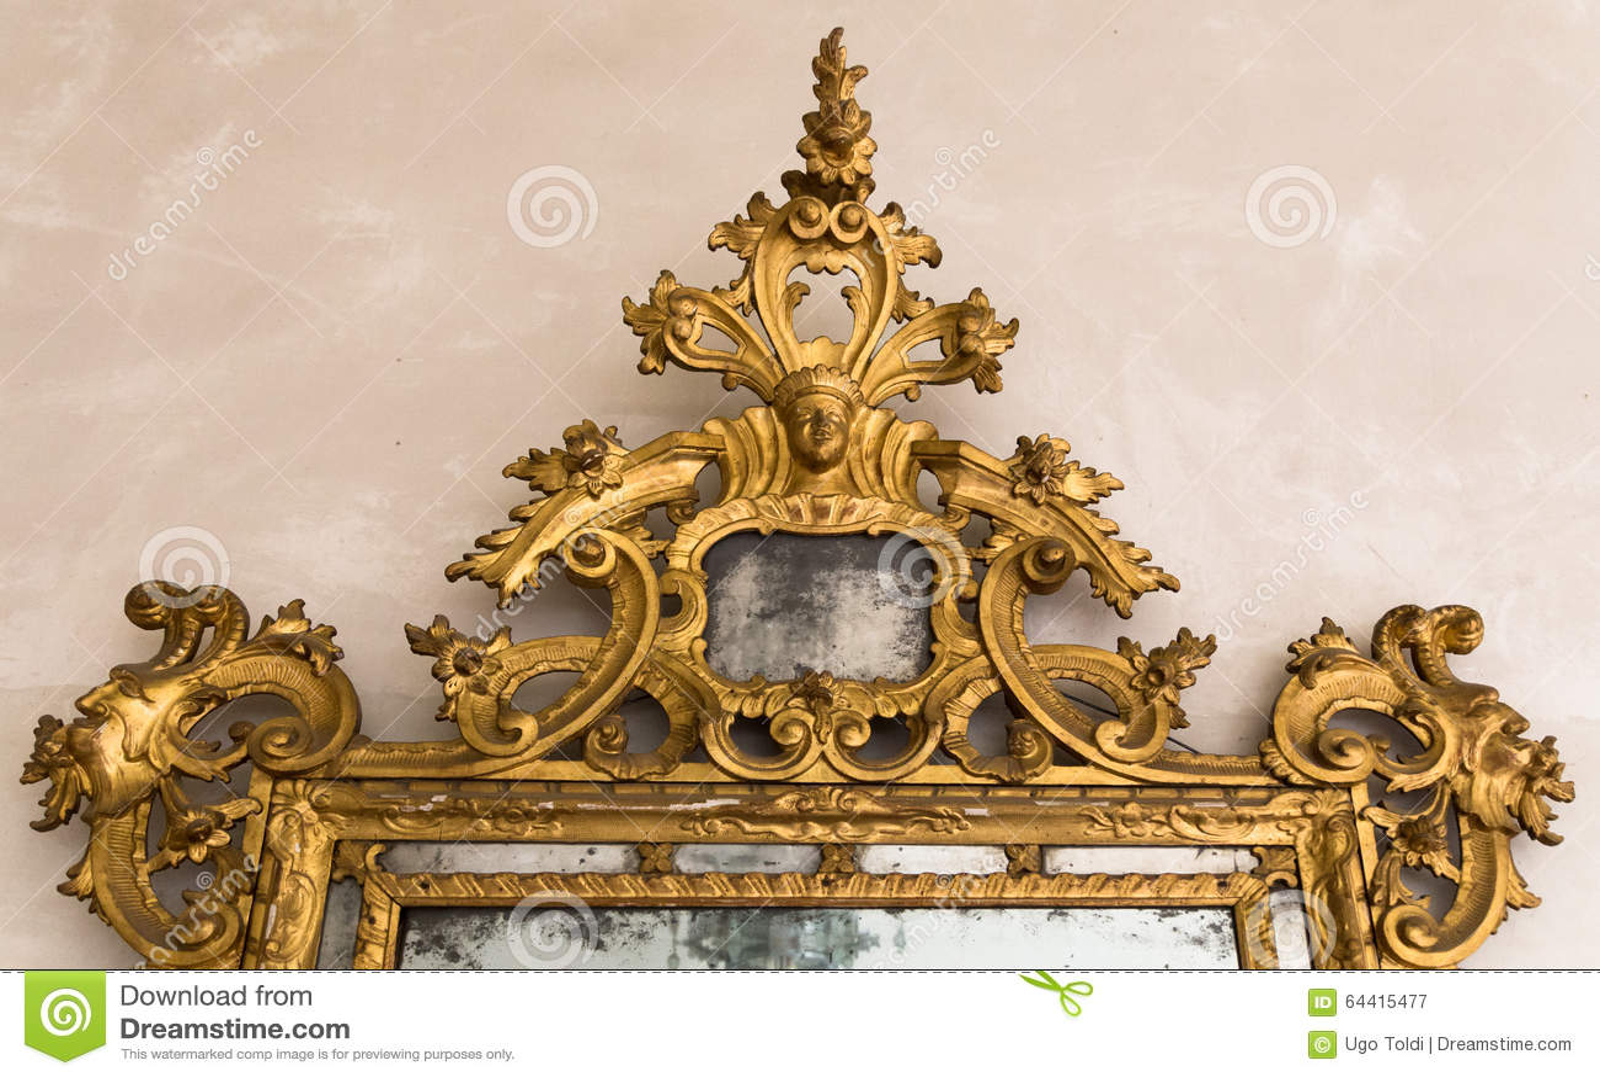 Dettaglio del telaio dorato di uno specchio antico - Specchio dorato antico ...